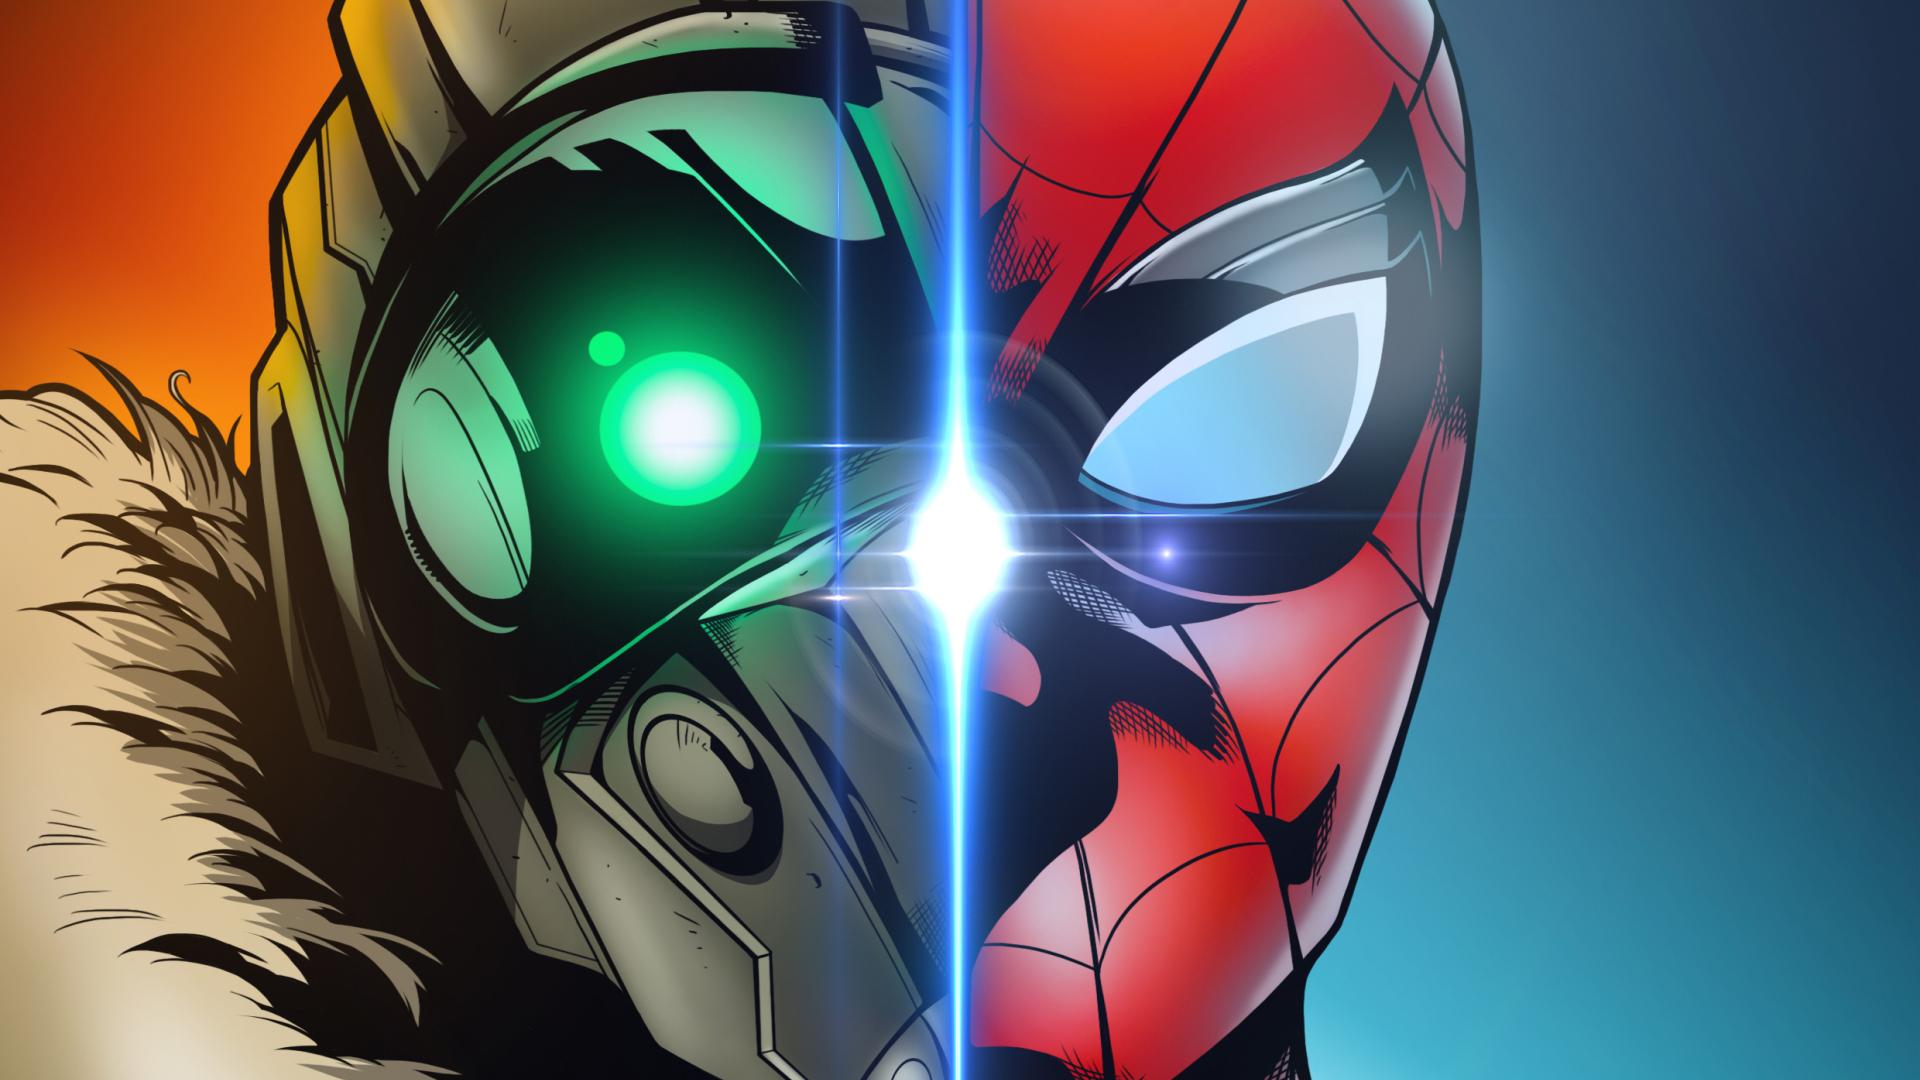 Spider Man Homecoming Art Full Hd 2k Wallpaper